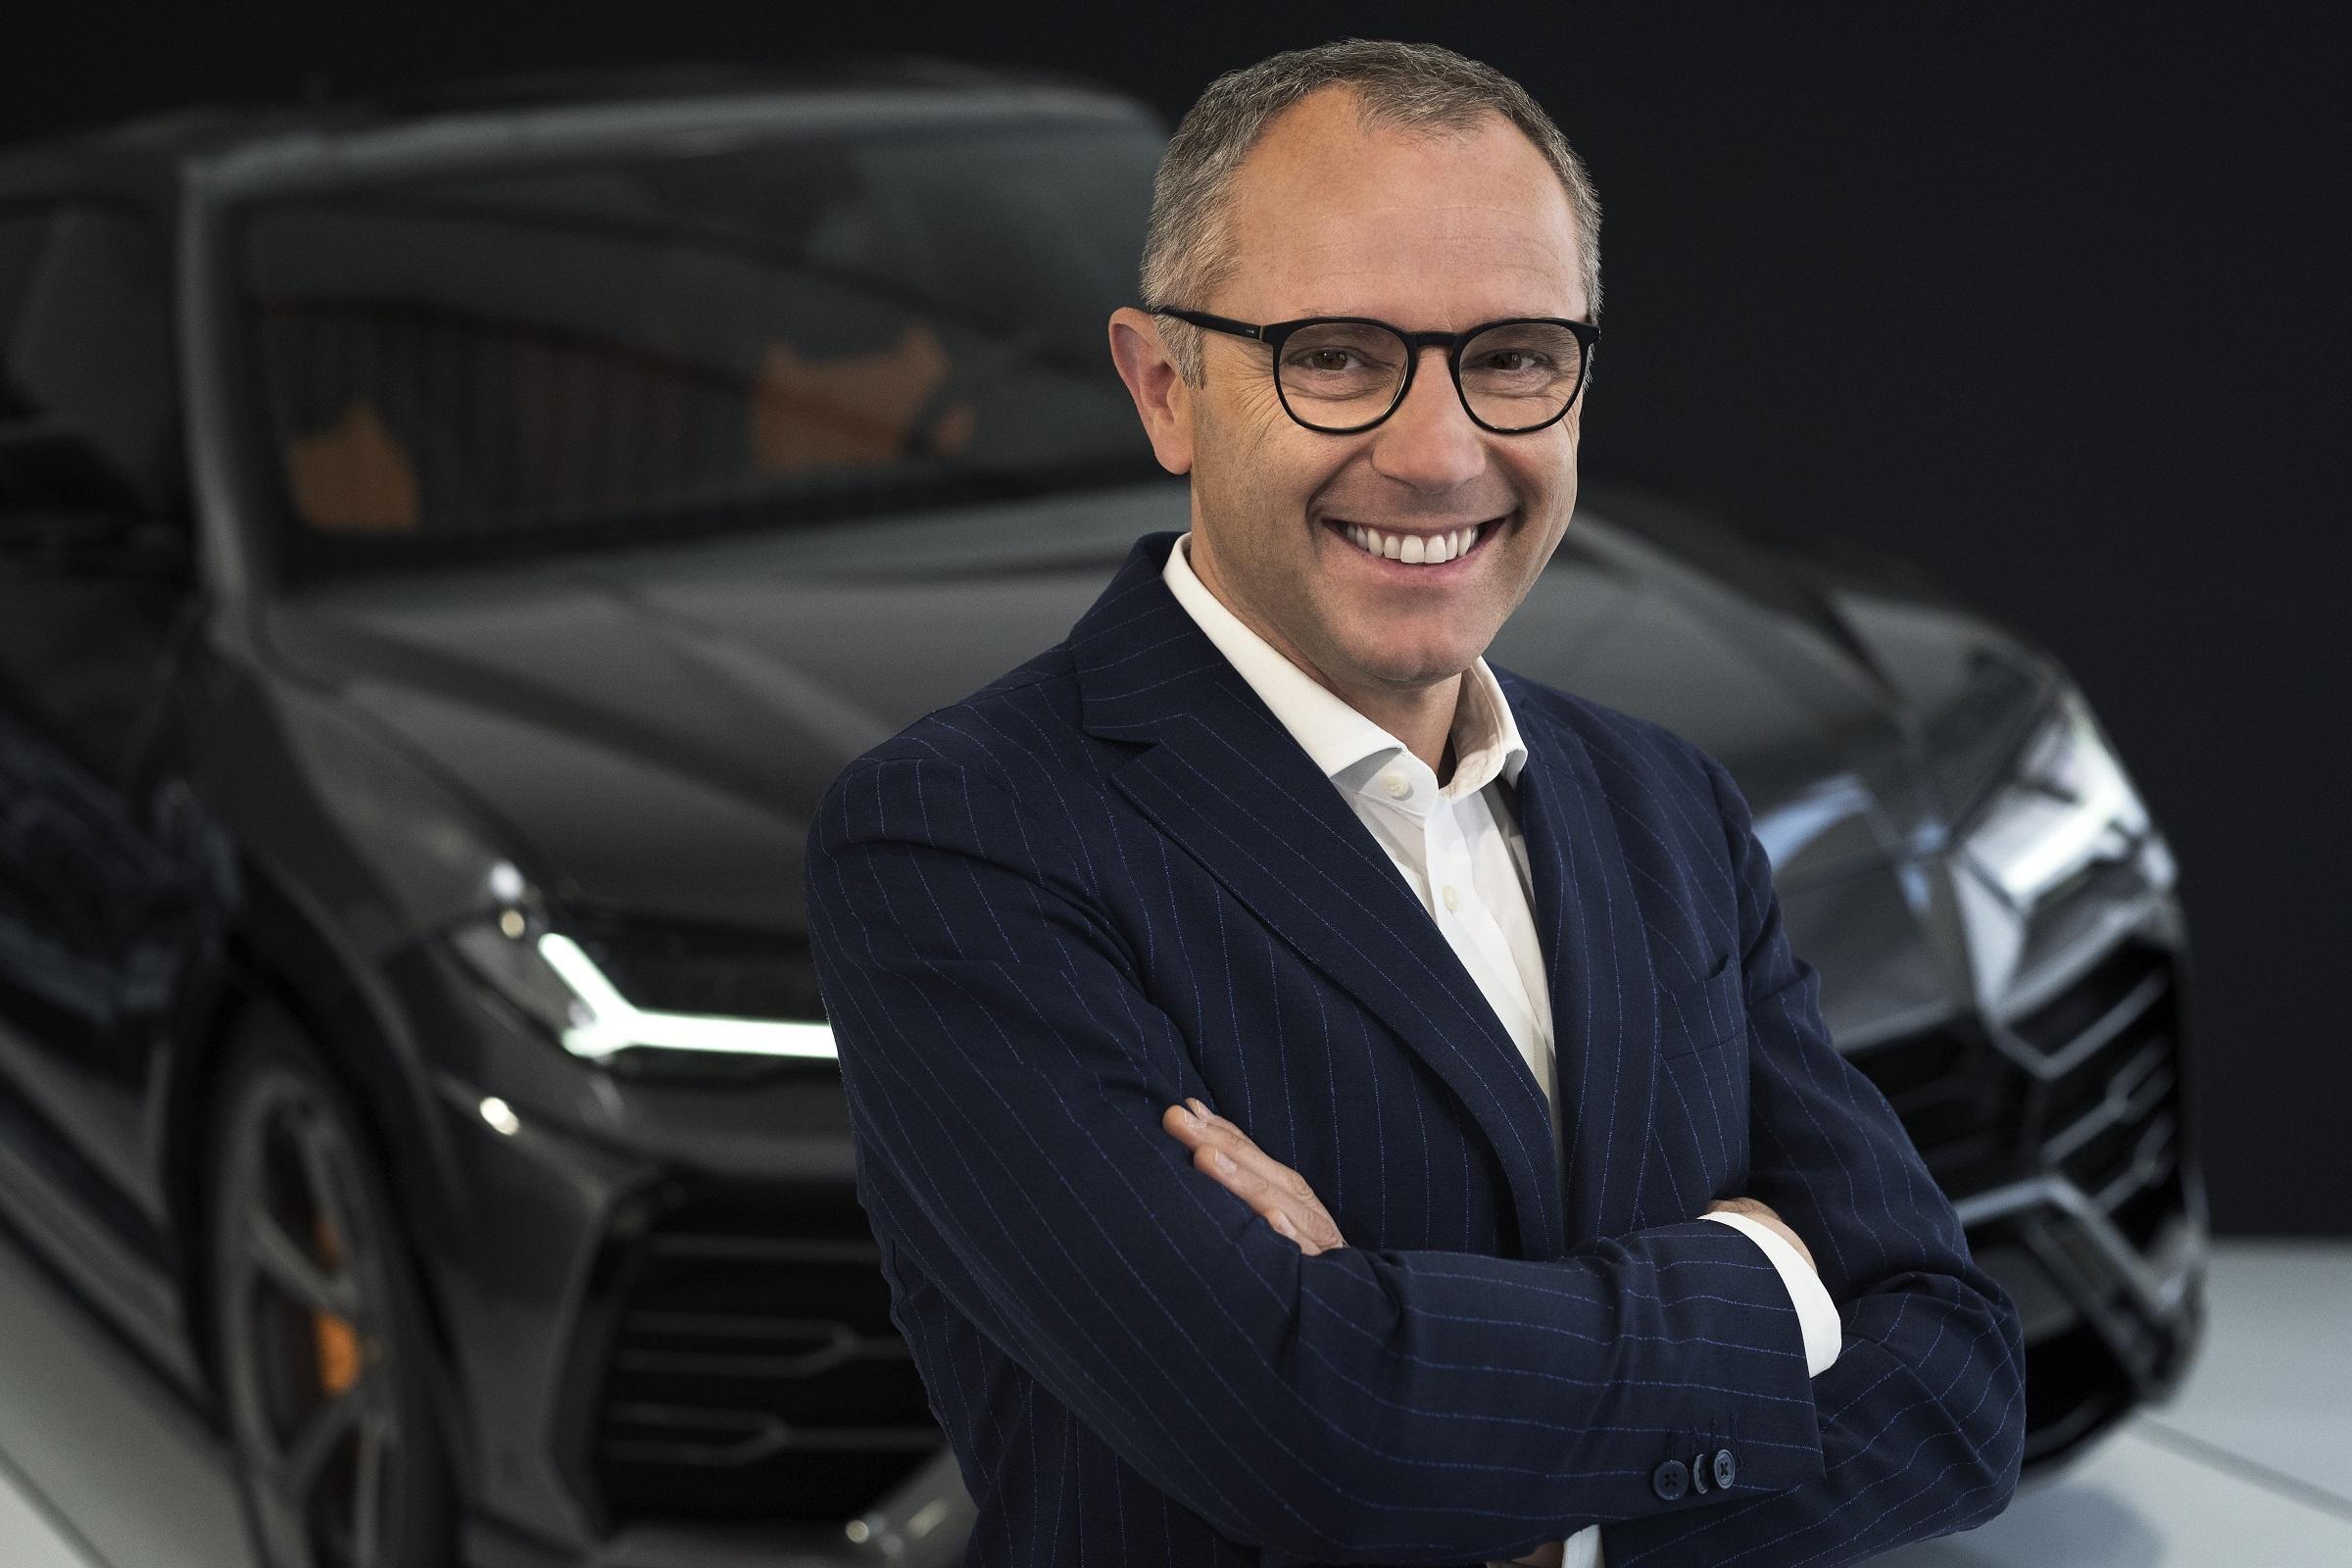 Stefano Domenicali Chairman and CEO of Automobili Lamborghini